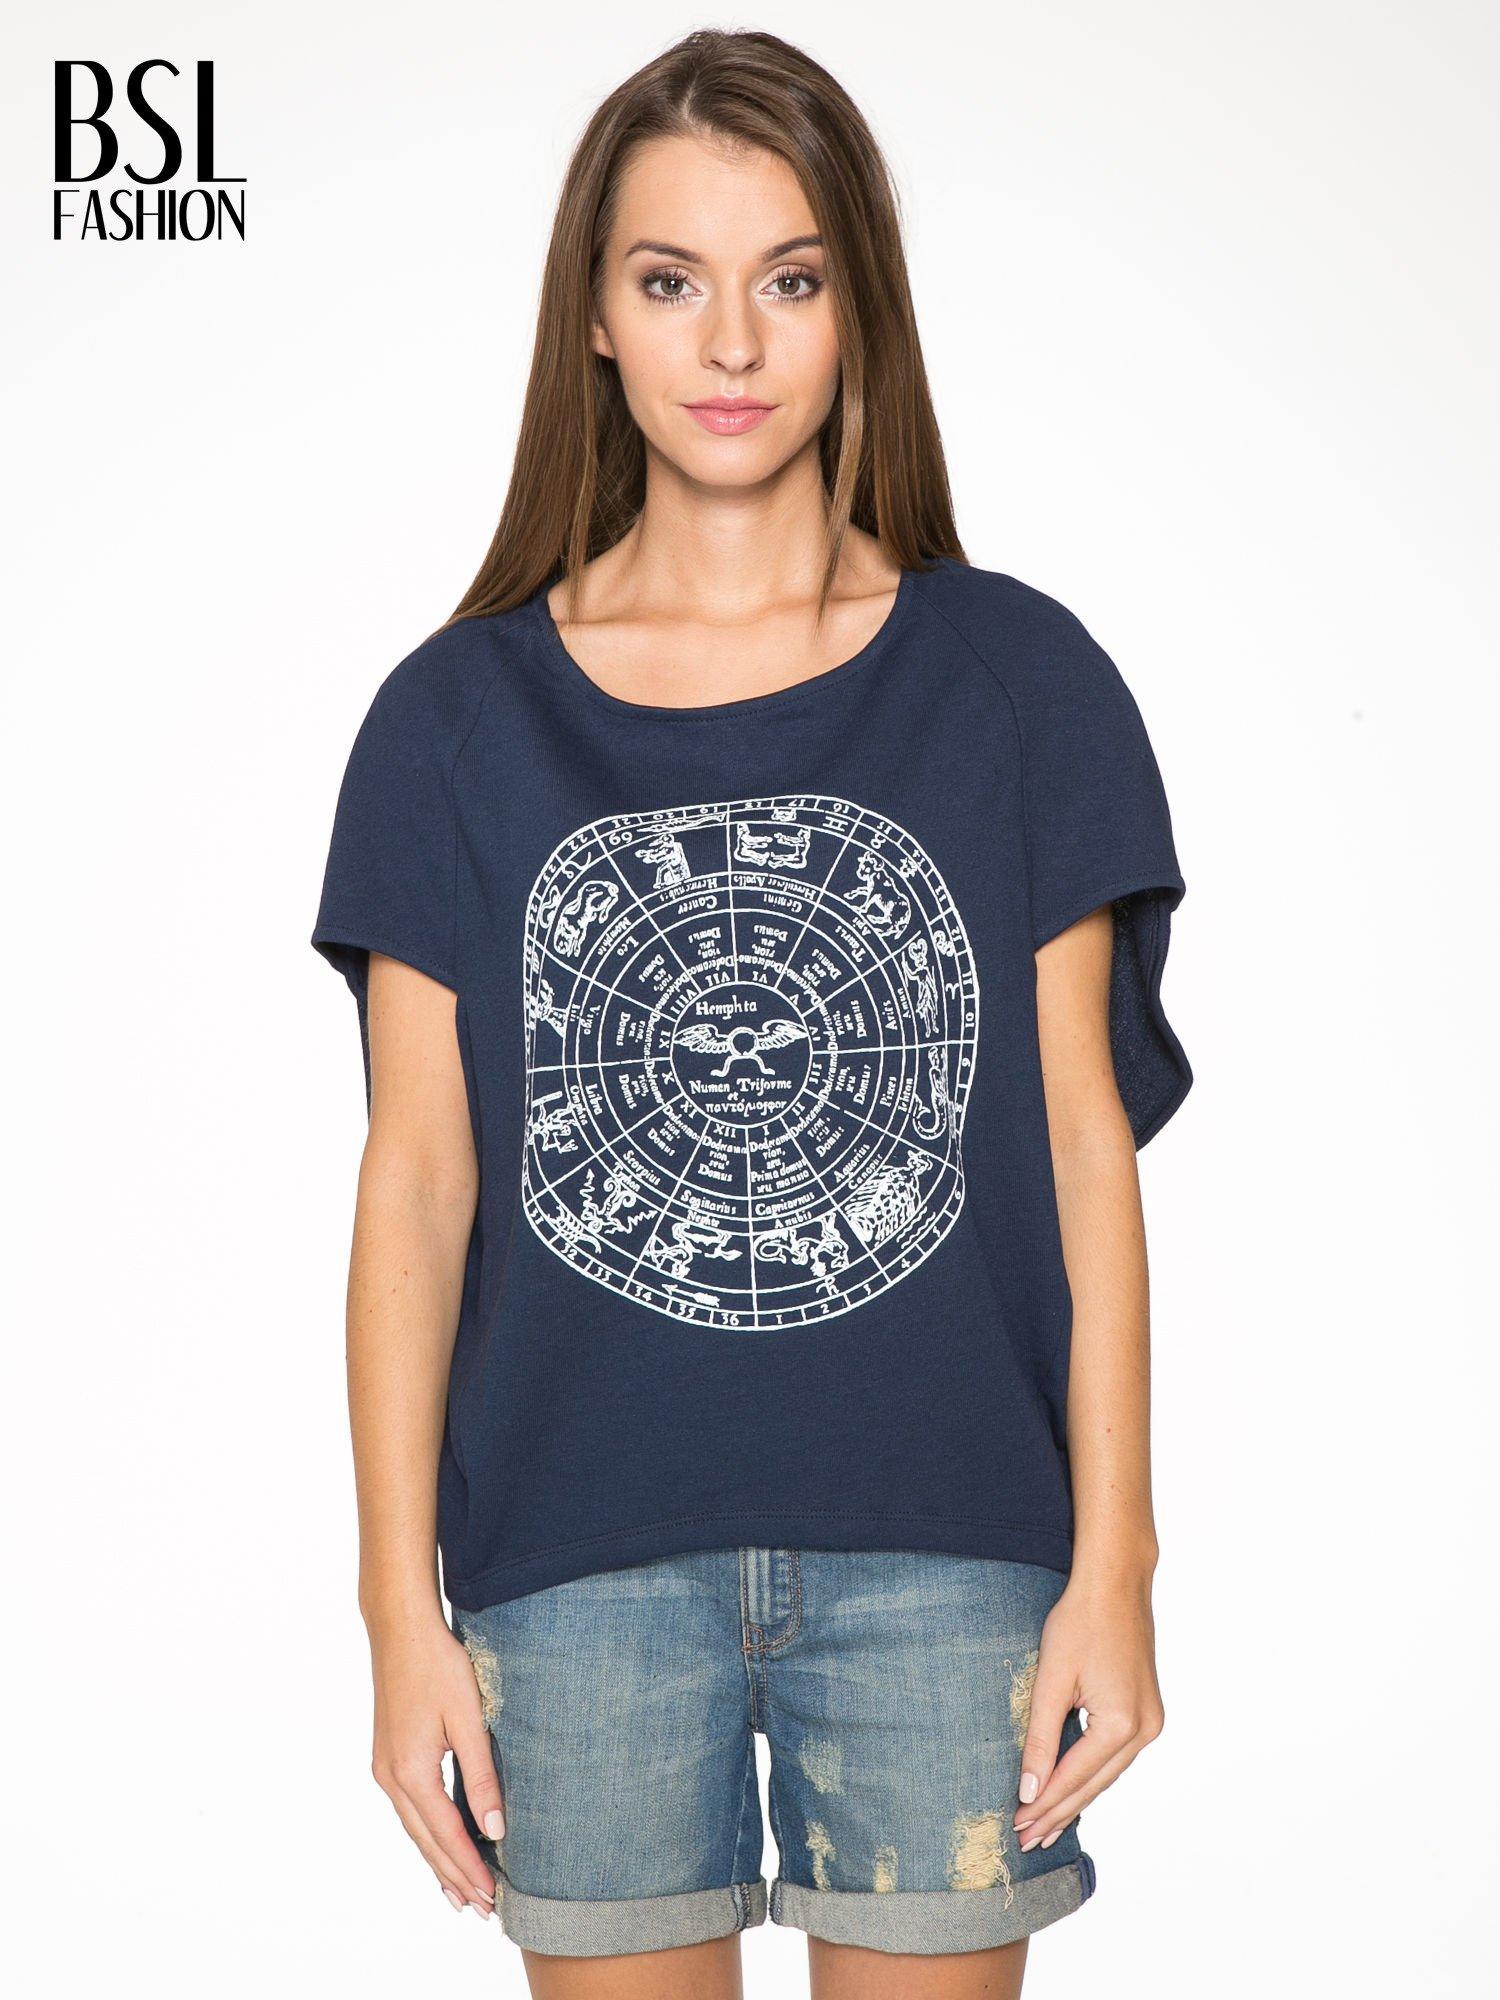 Granatowa bluza z nadrukiem tarczy zodiakalnej i szerokimi rękawami                                  zdj.                                  1